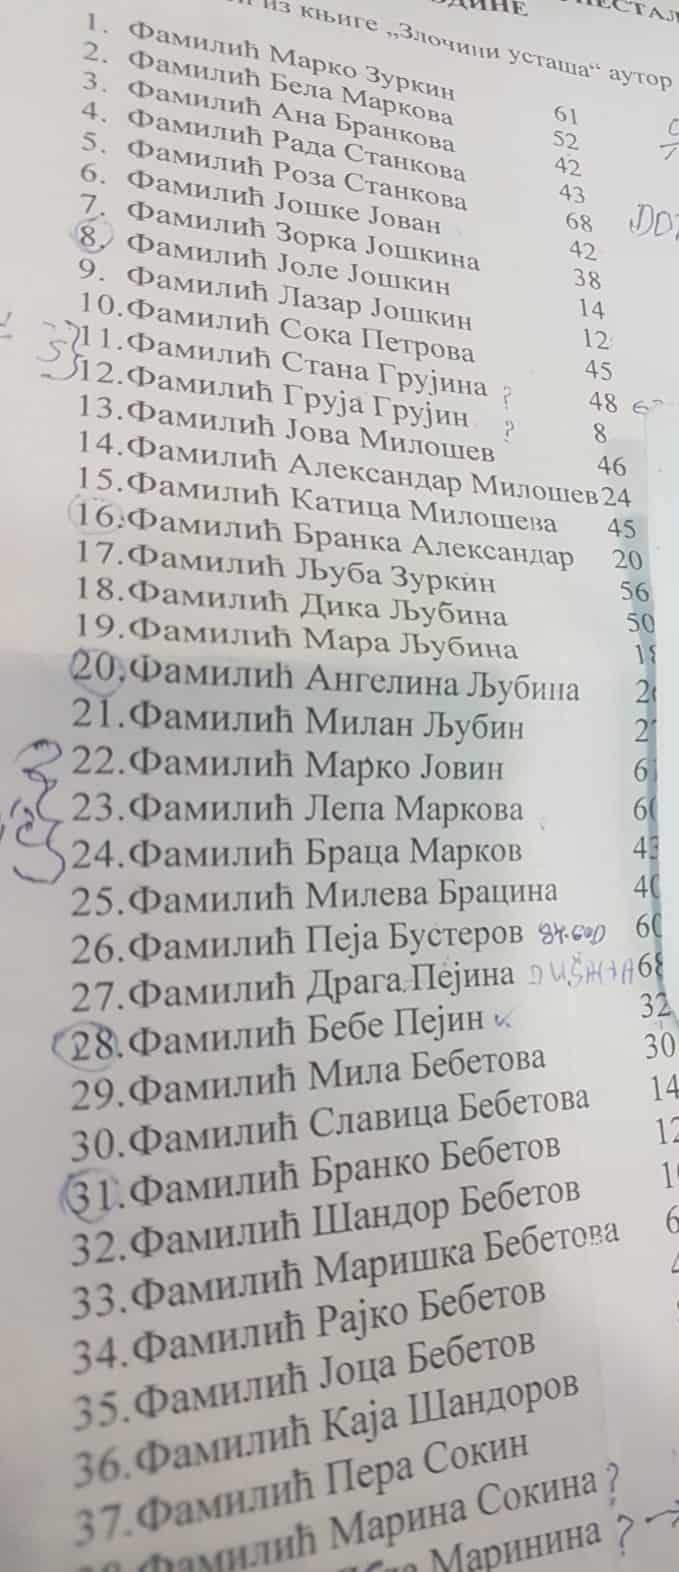 Deo spiska Familića koji su deportovani u Jasenovac i tamo likvidirani